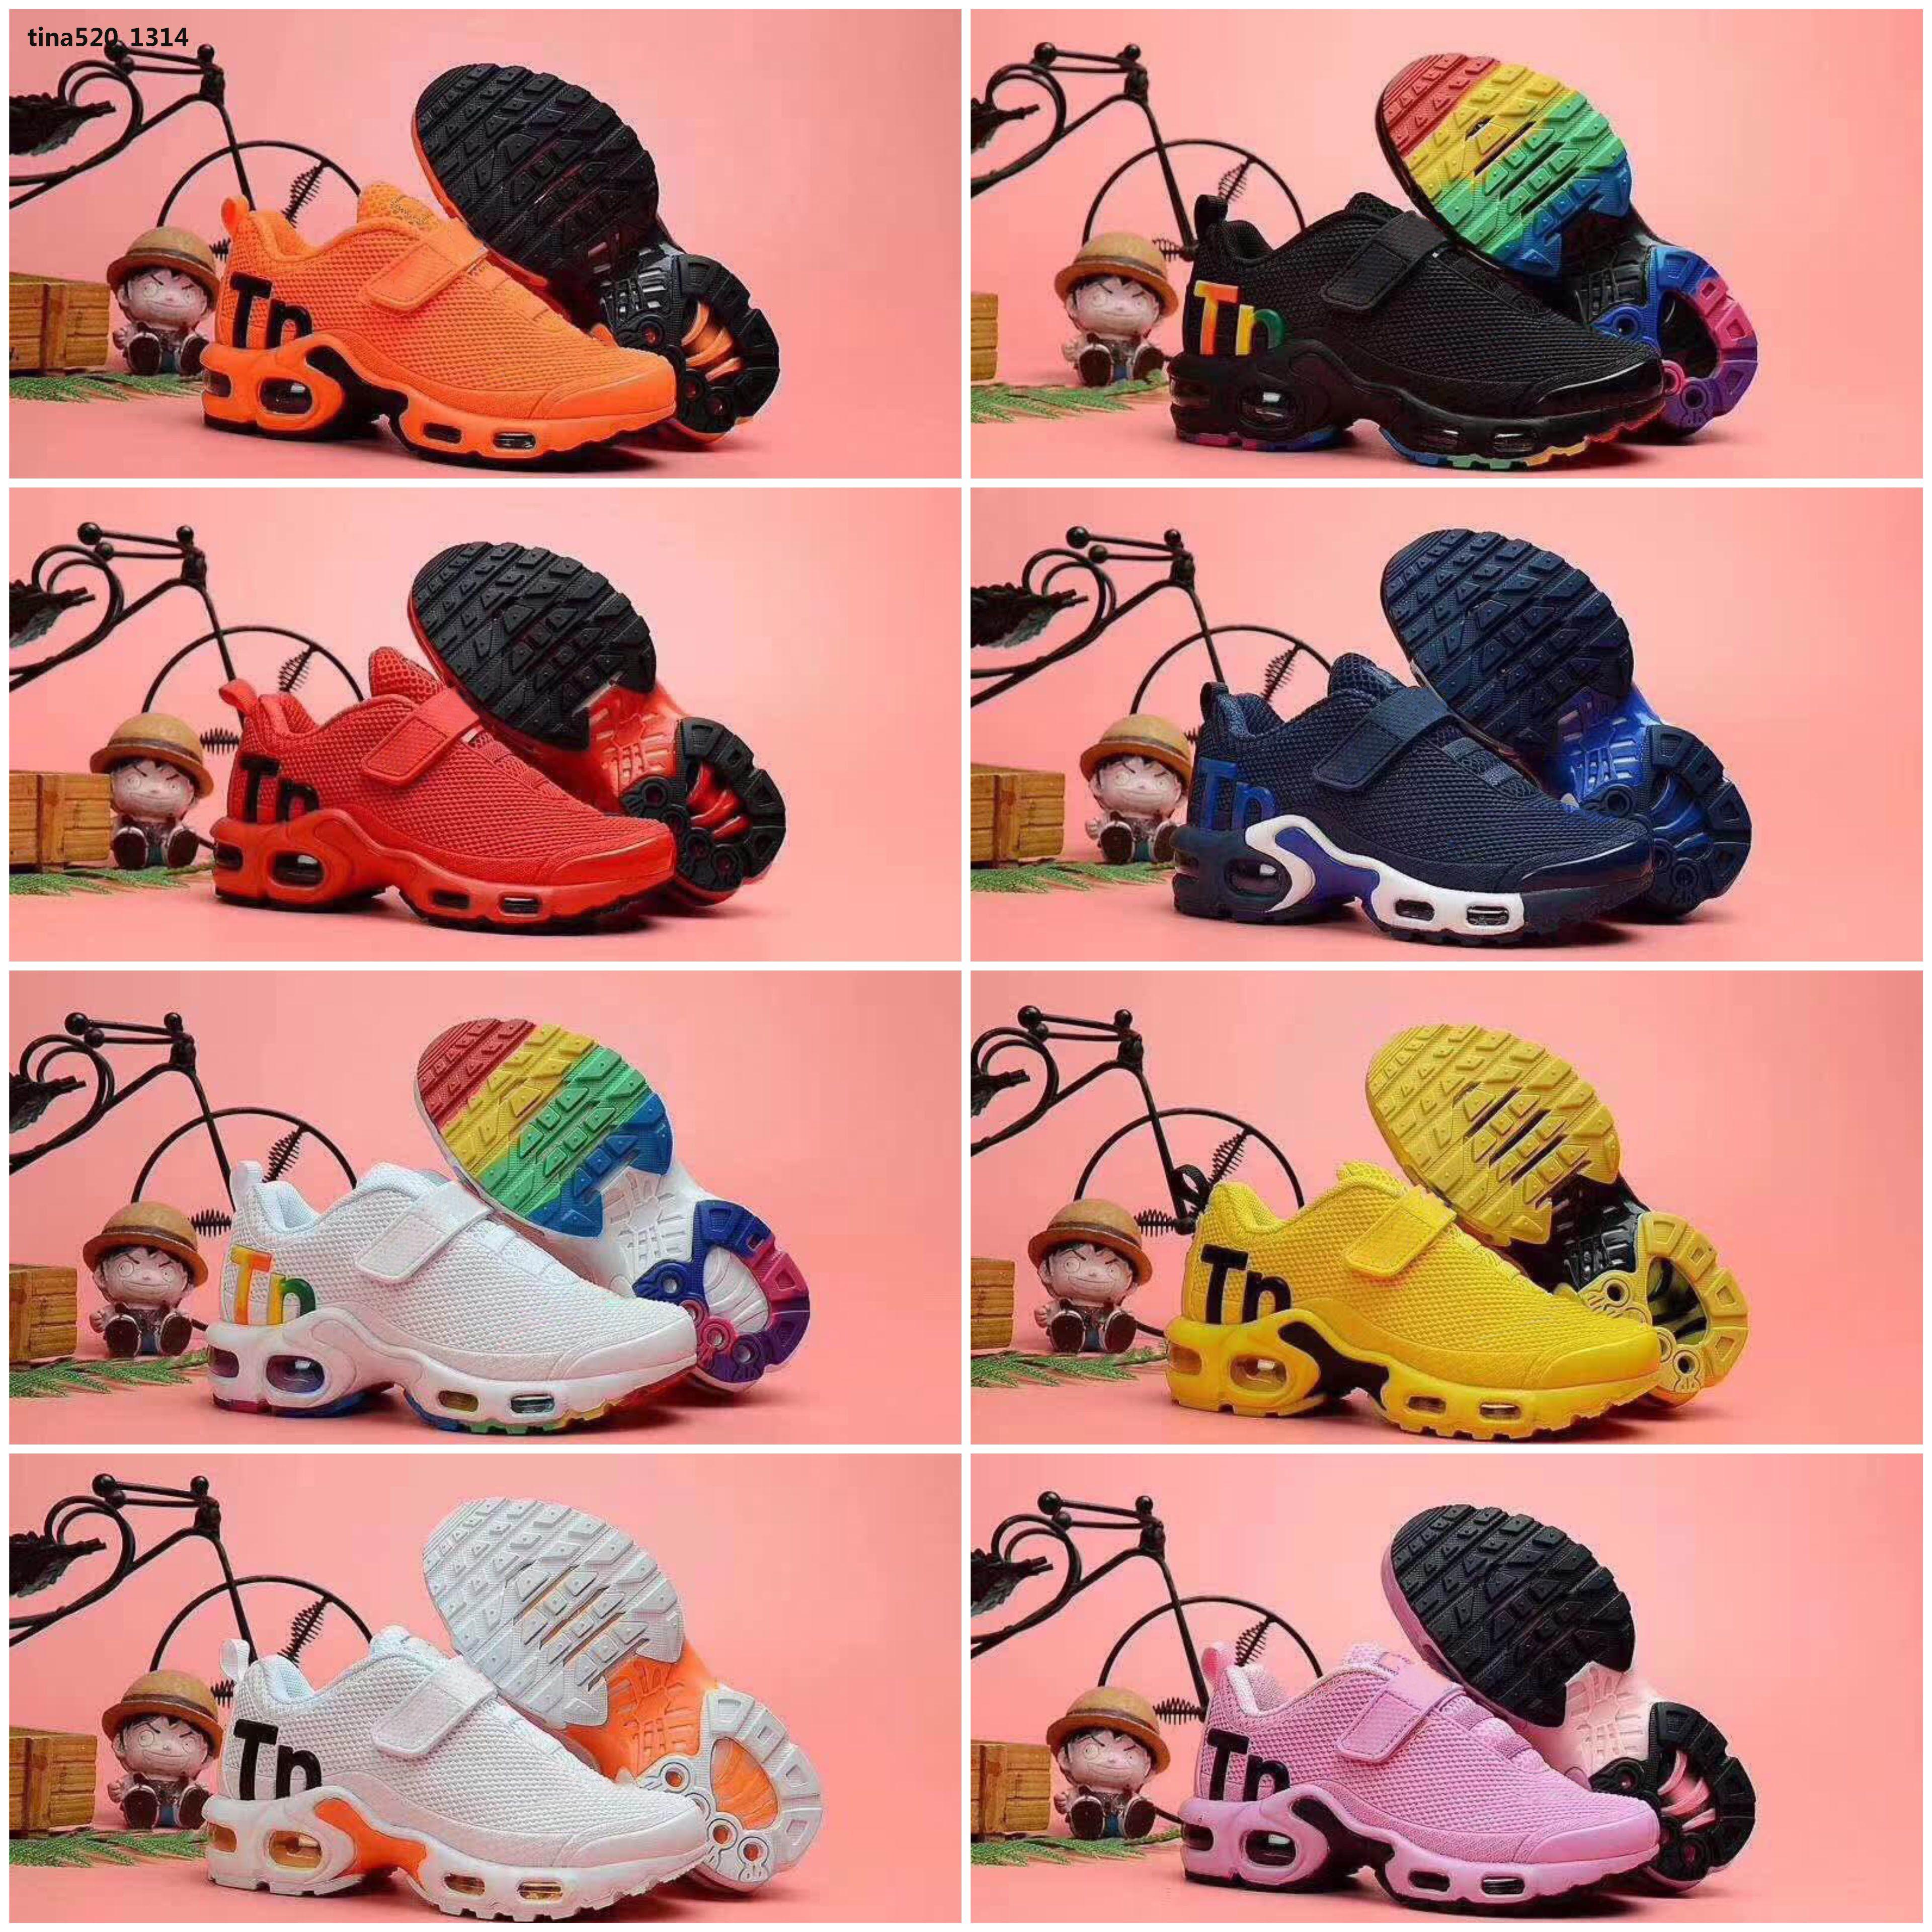 Mercurial Plus Tn Neue Kinder Junge Mädchen 19SS Schwarz Weiß Multi Hohe Qaulity Baby-Kind-Qualität Modedesigner Sports Ultra-TN Bowling-Schuhe 28-35